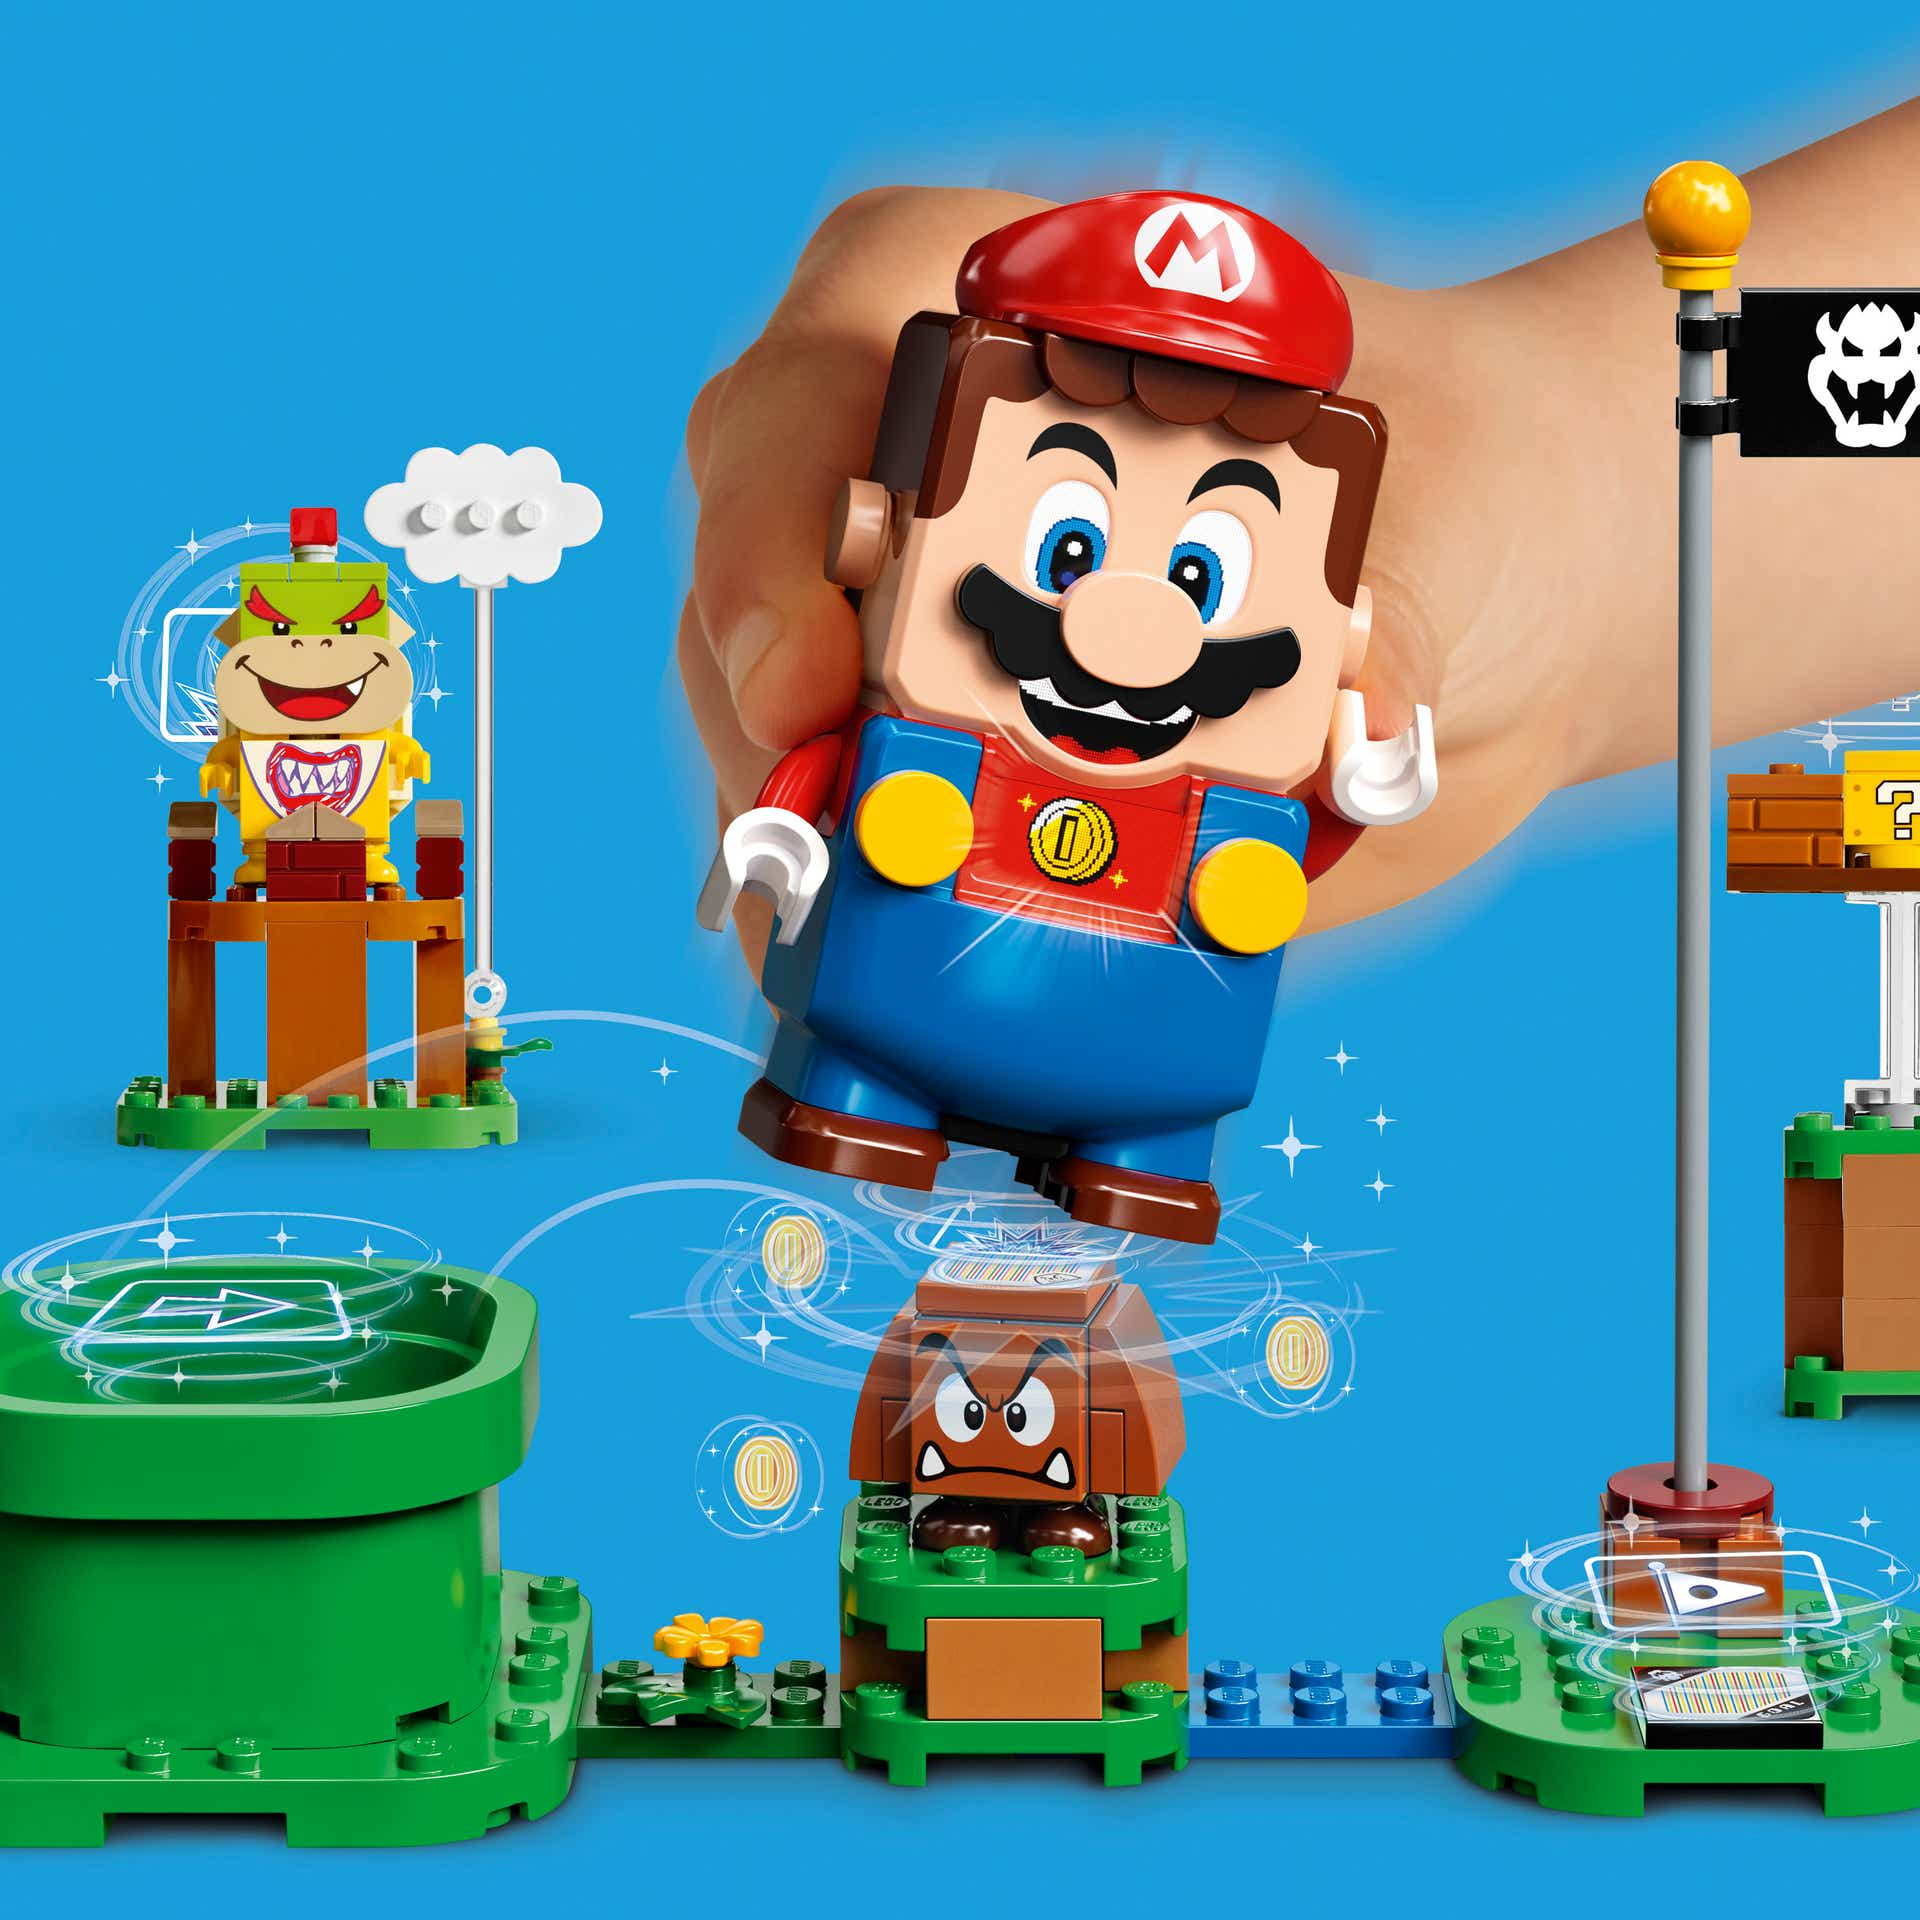 Более подробная информация о LEGO Super Mario и его создании